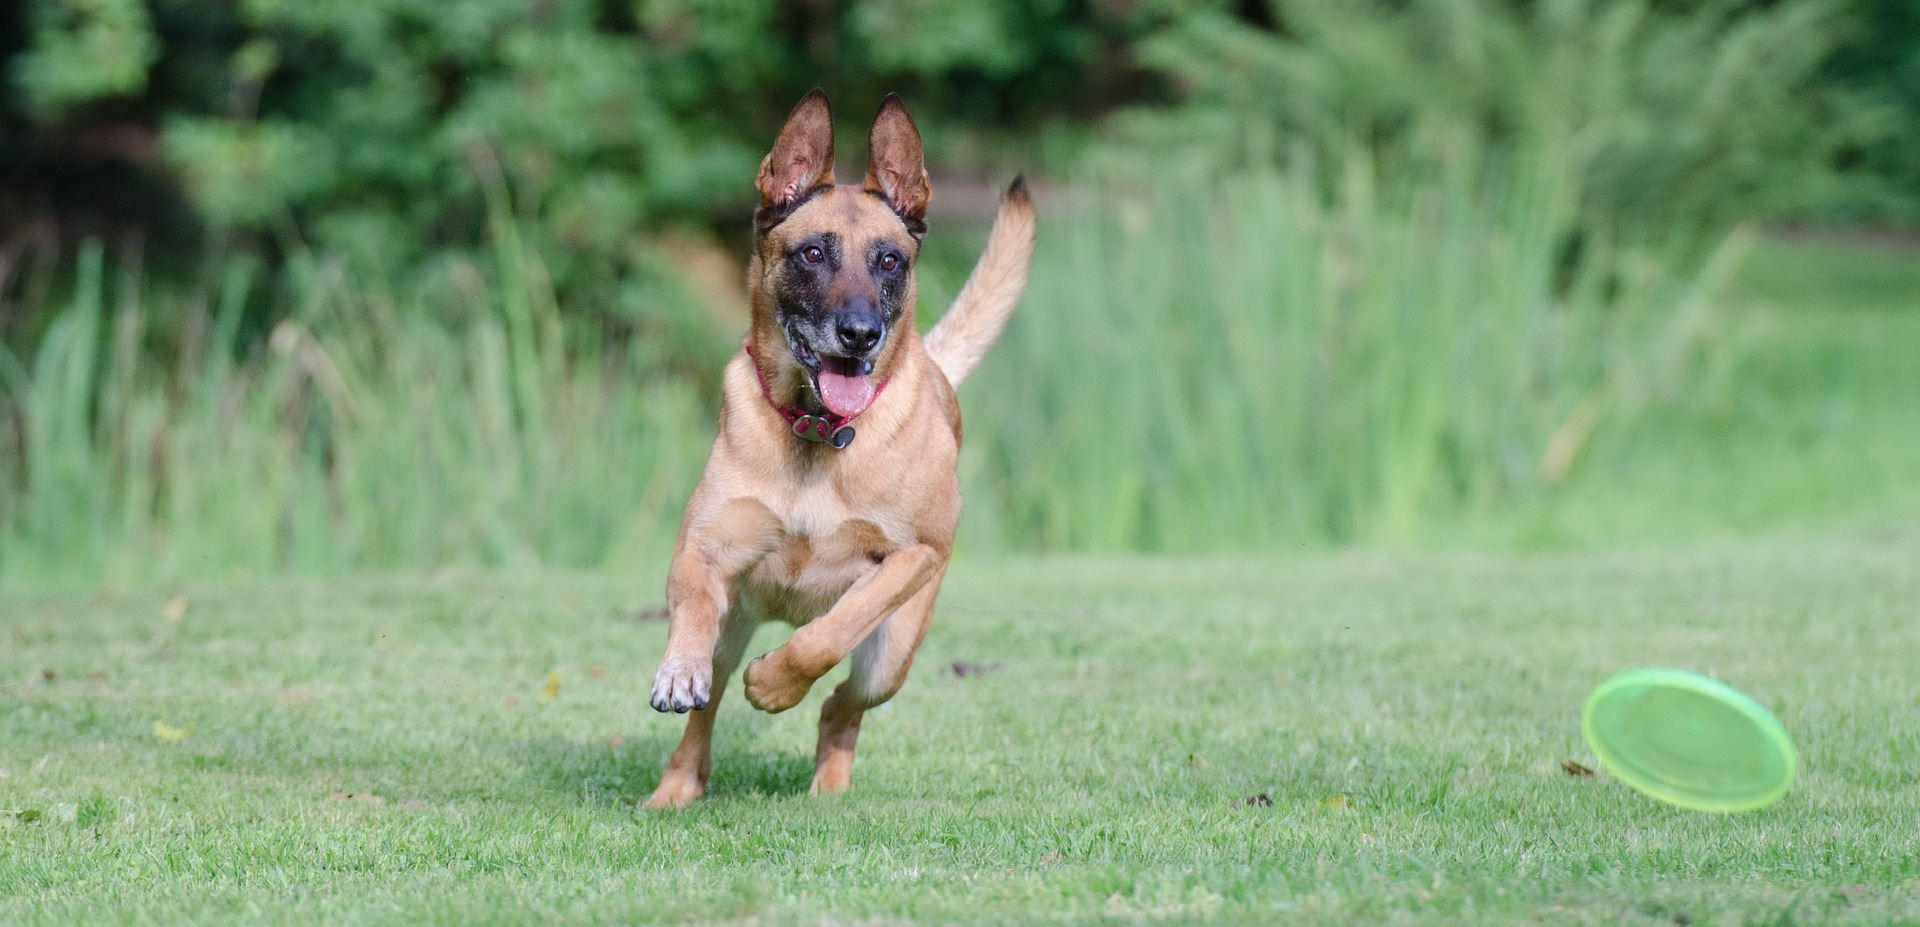 running-dog-672641_1920